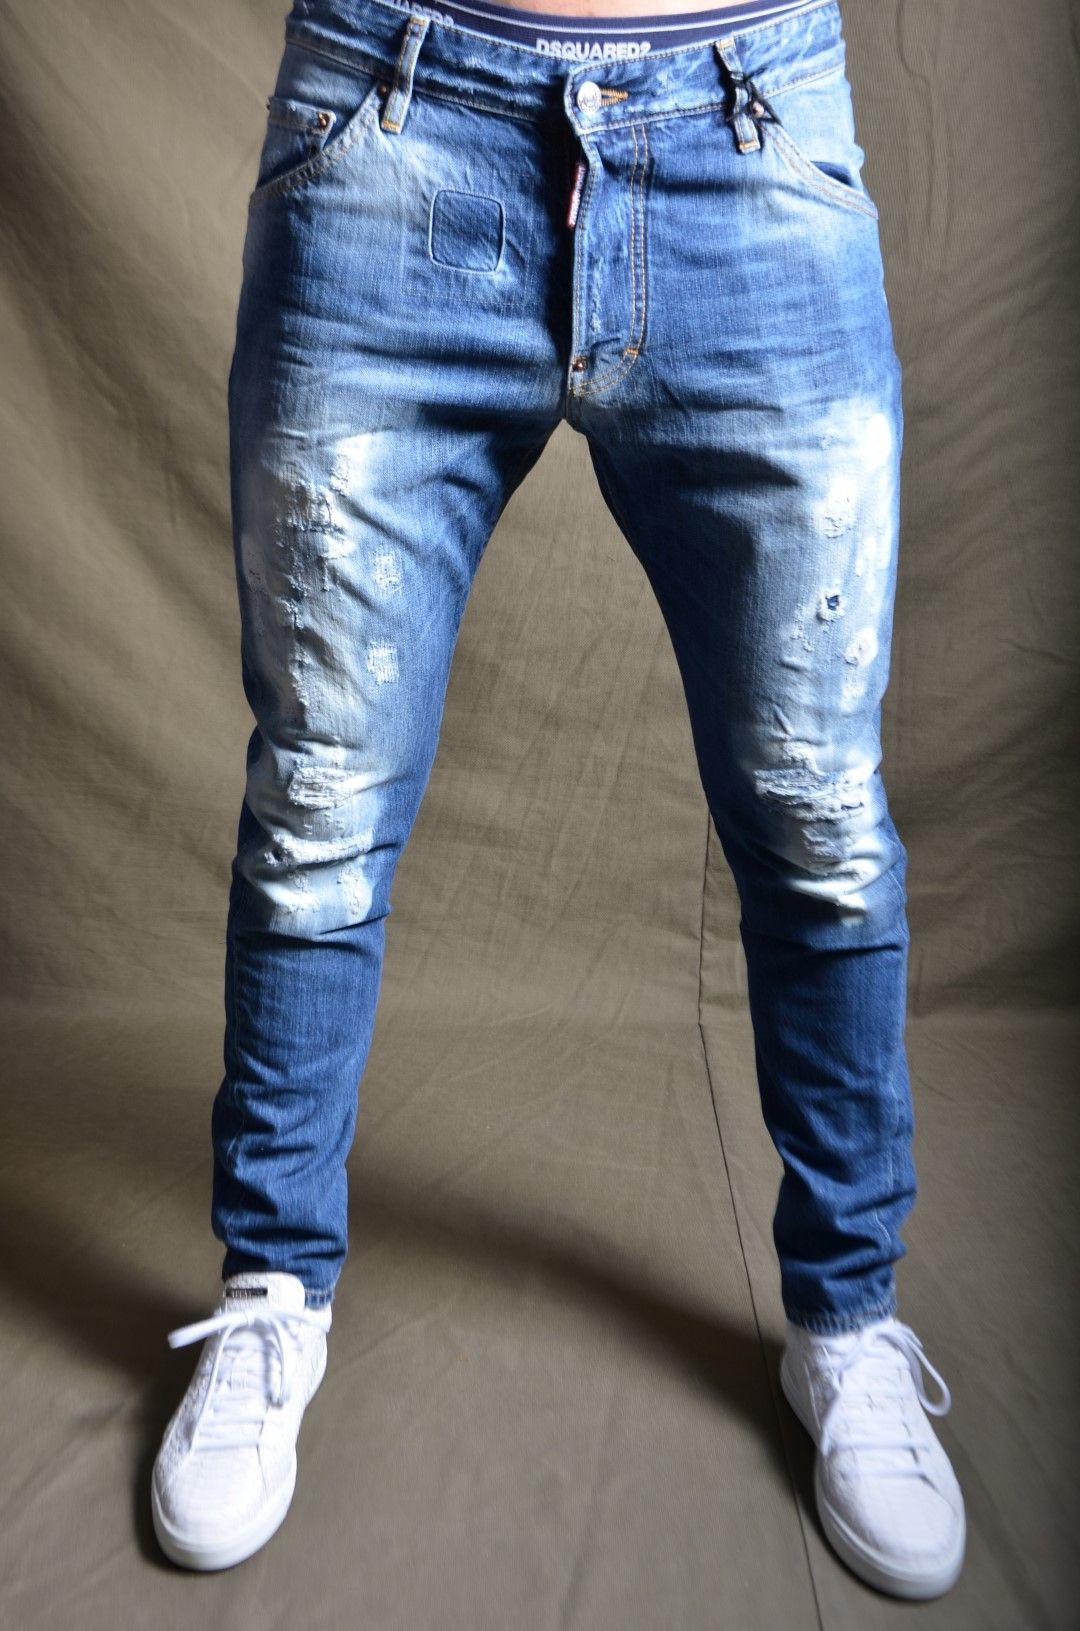 Pin De Ankepiske Piske En R Pantalones De Mezclilla Pantalones De Hombre Jeans Hombre